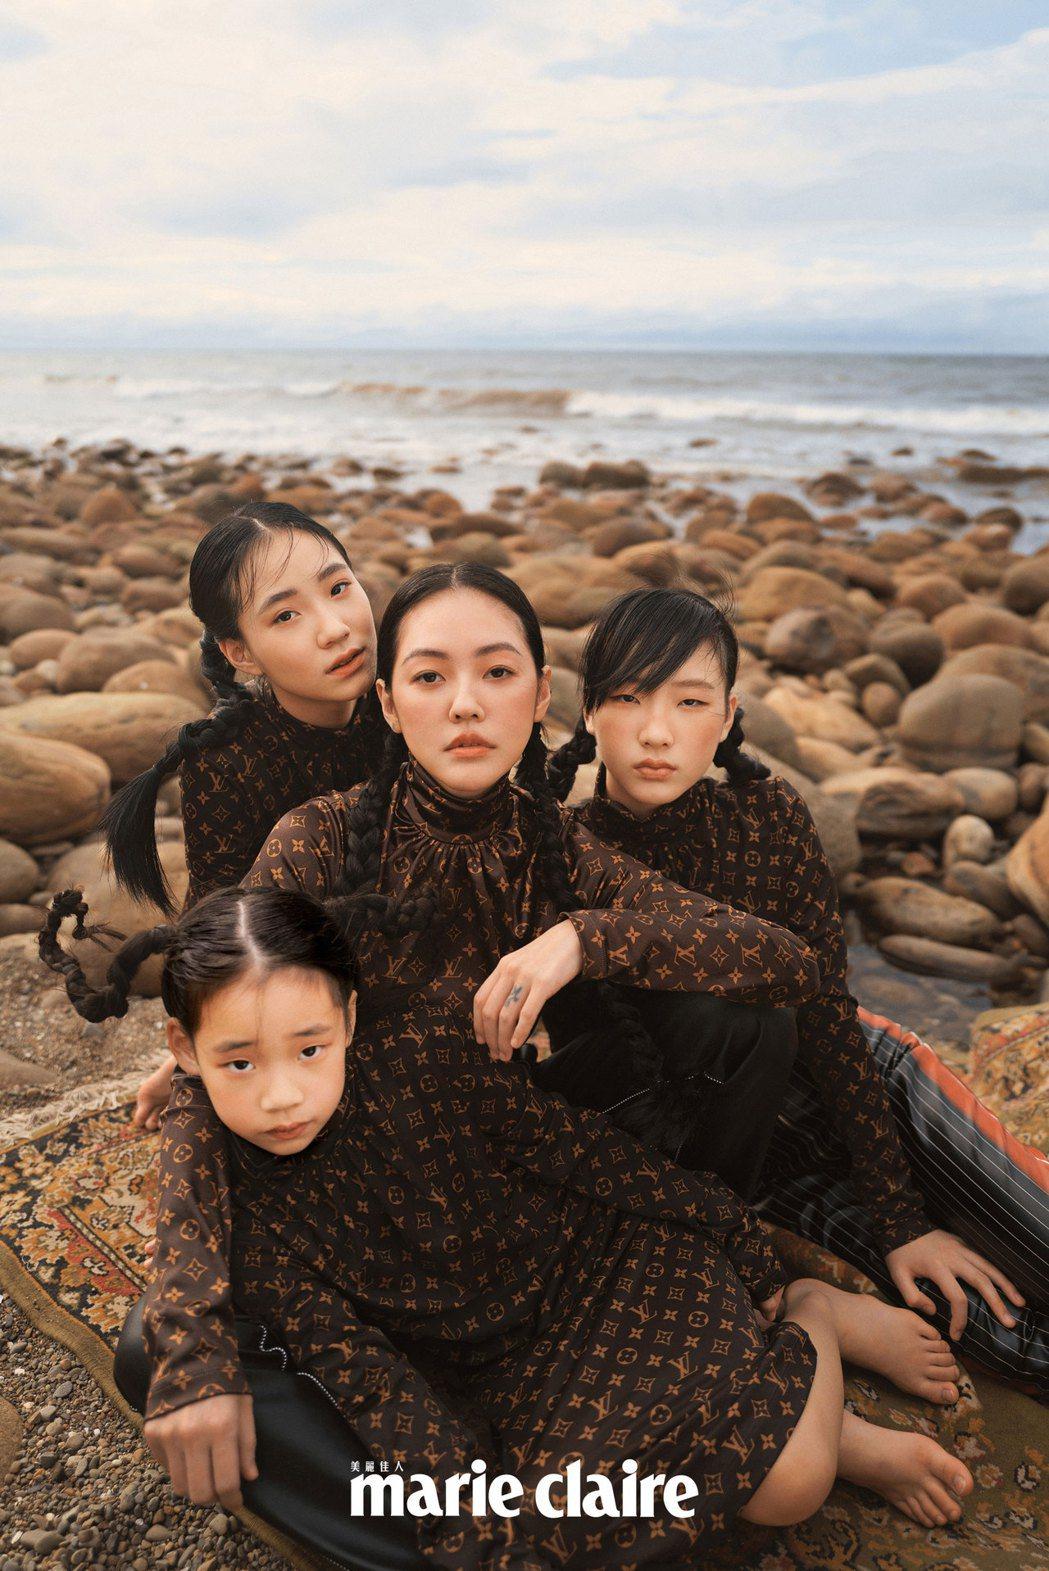 小S(中)與3個女兒一起拍攝時尚雜誌封面。圖/Marie Claire美麗佳人提